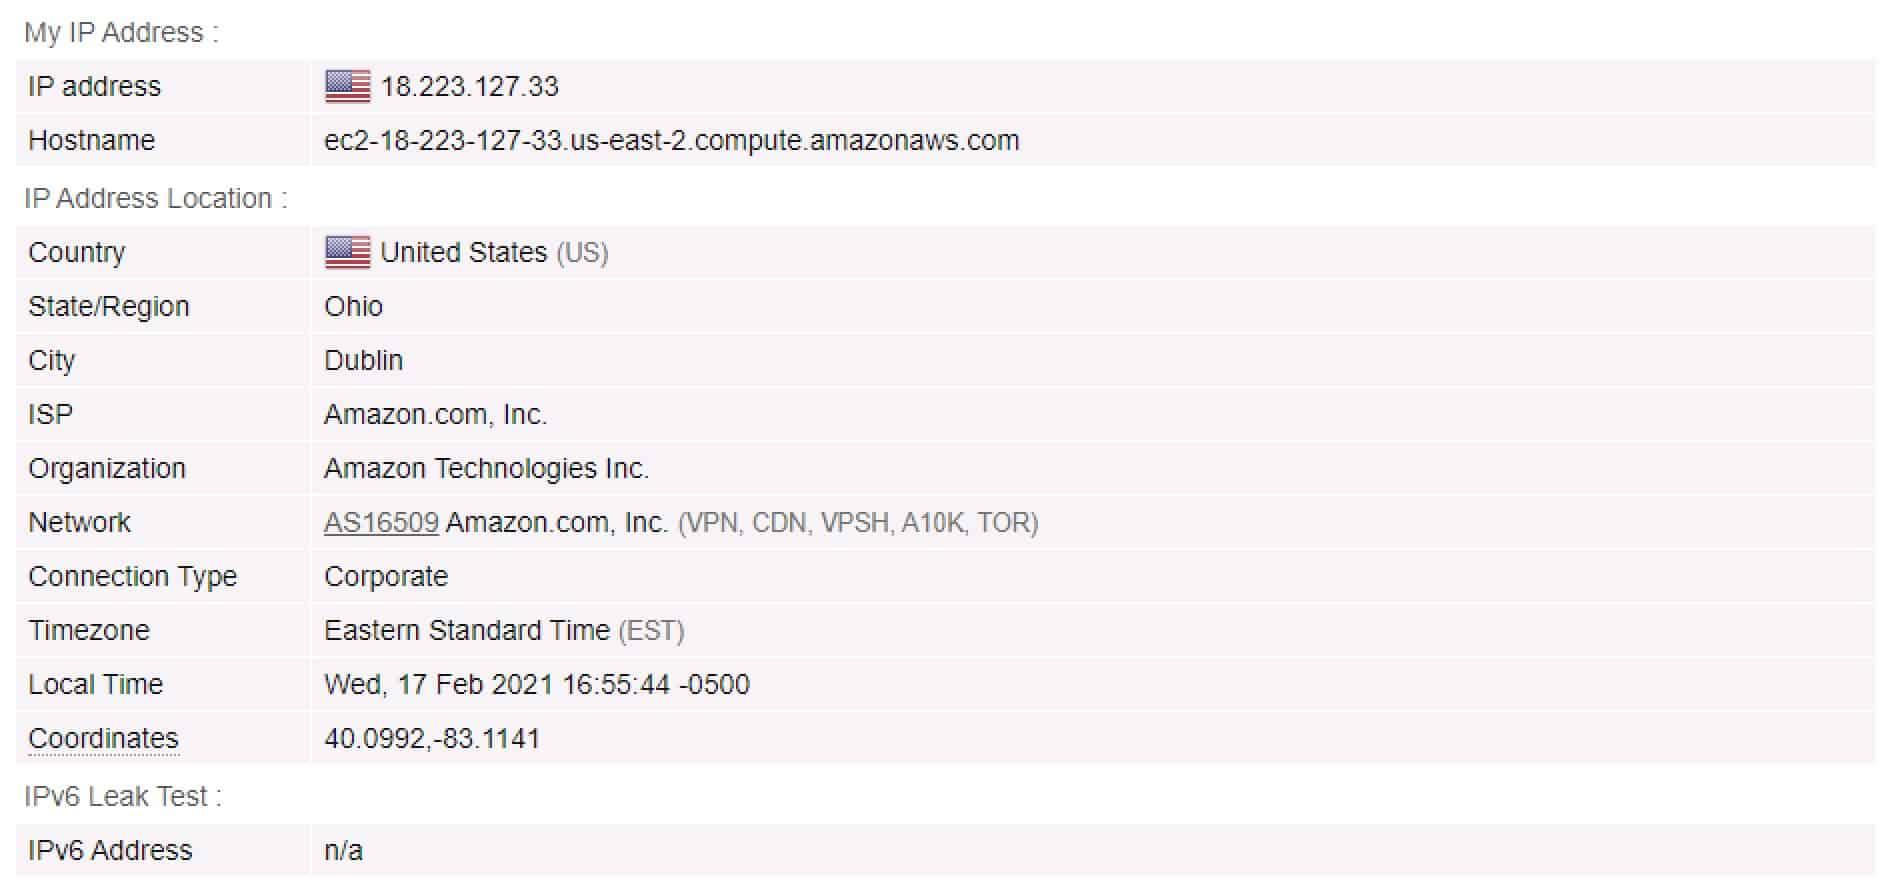 AirVPN - IP Test - No VPN